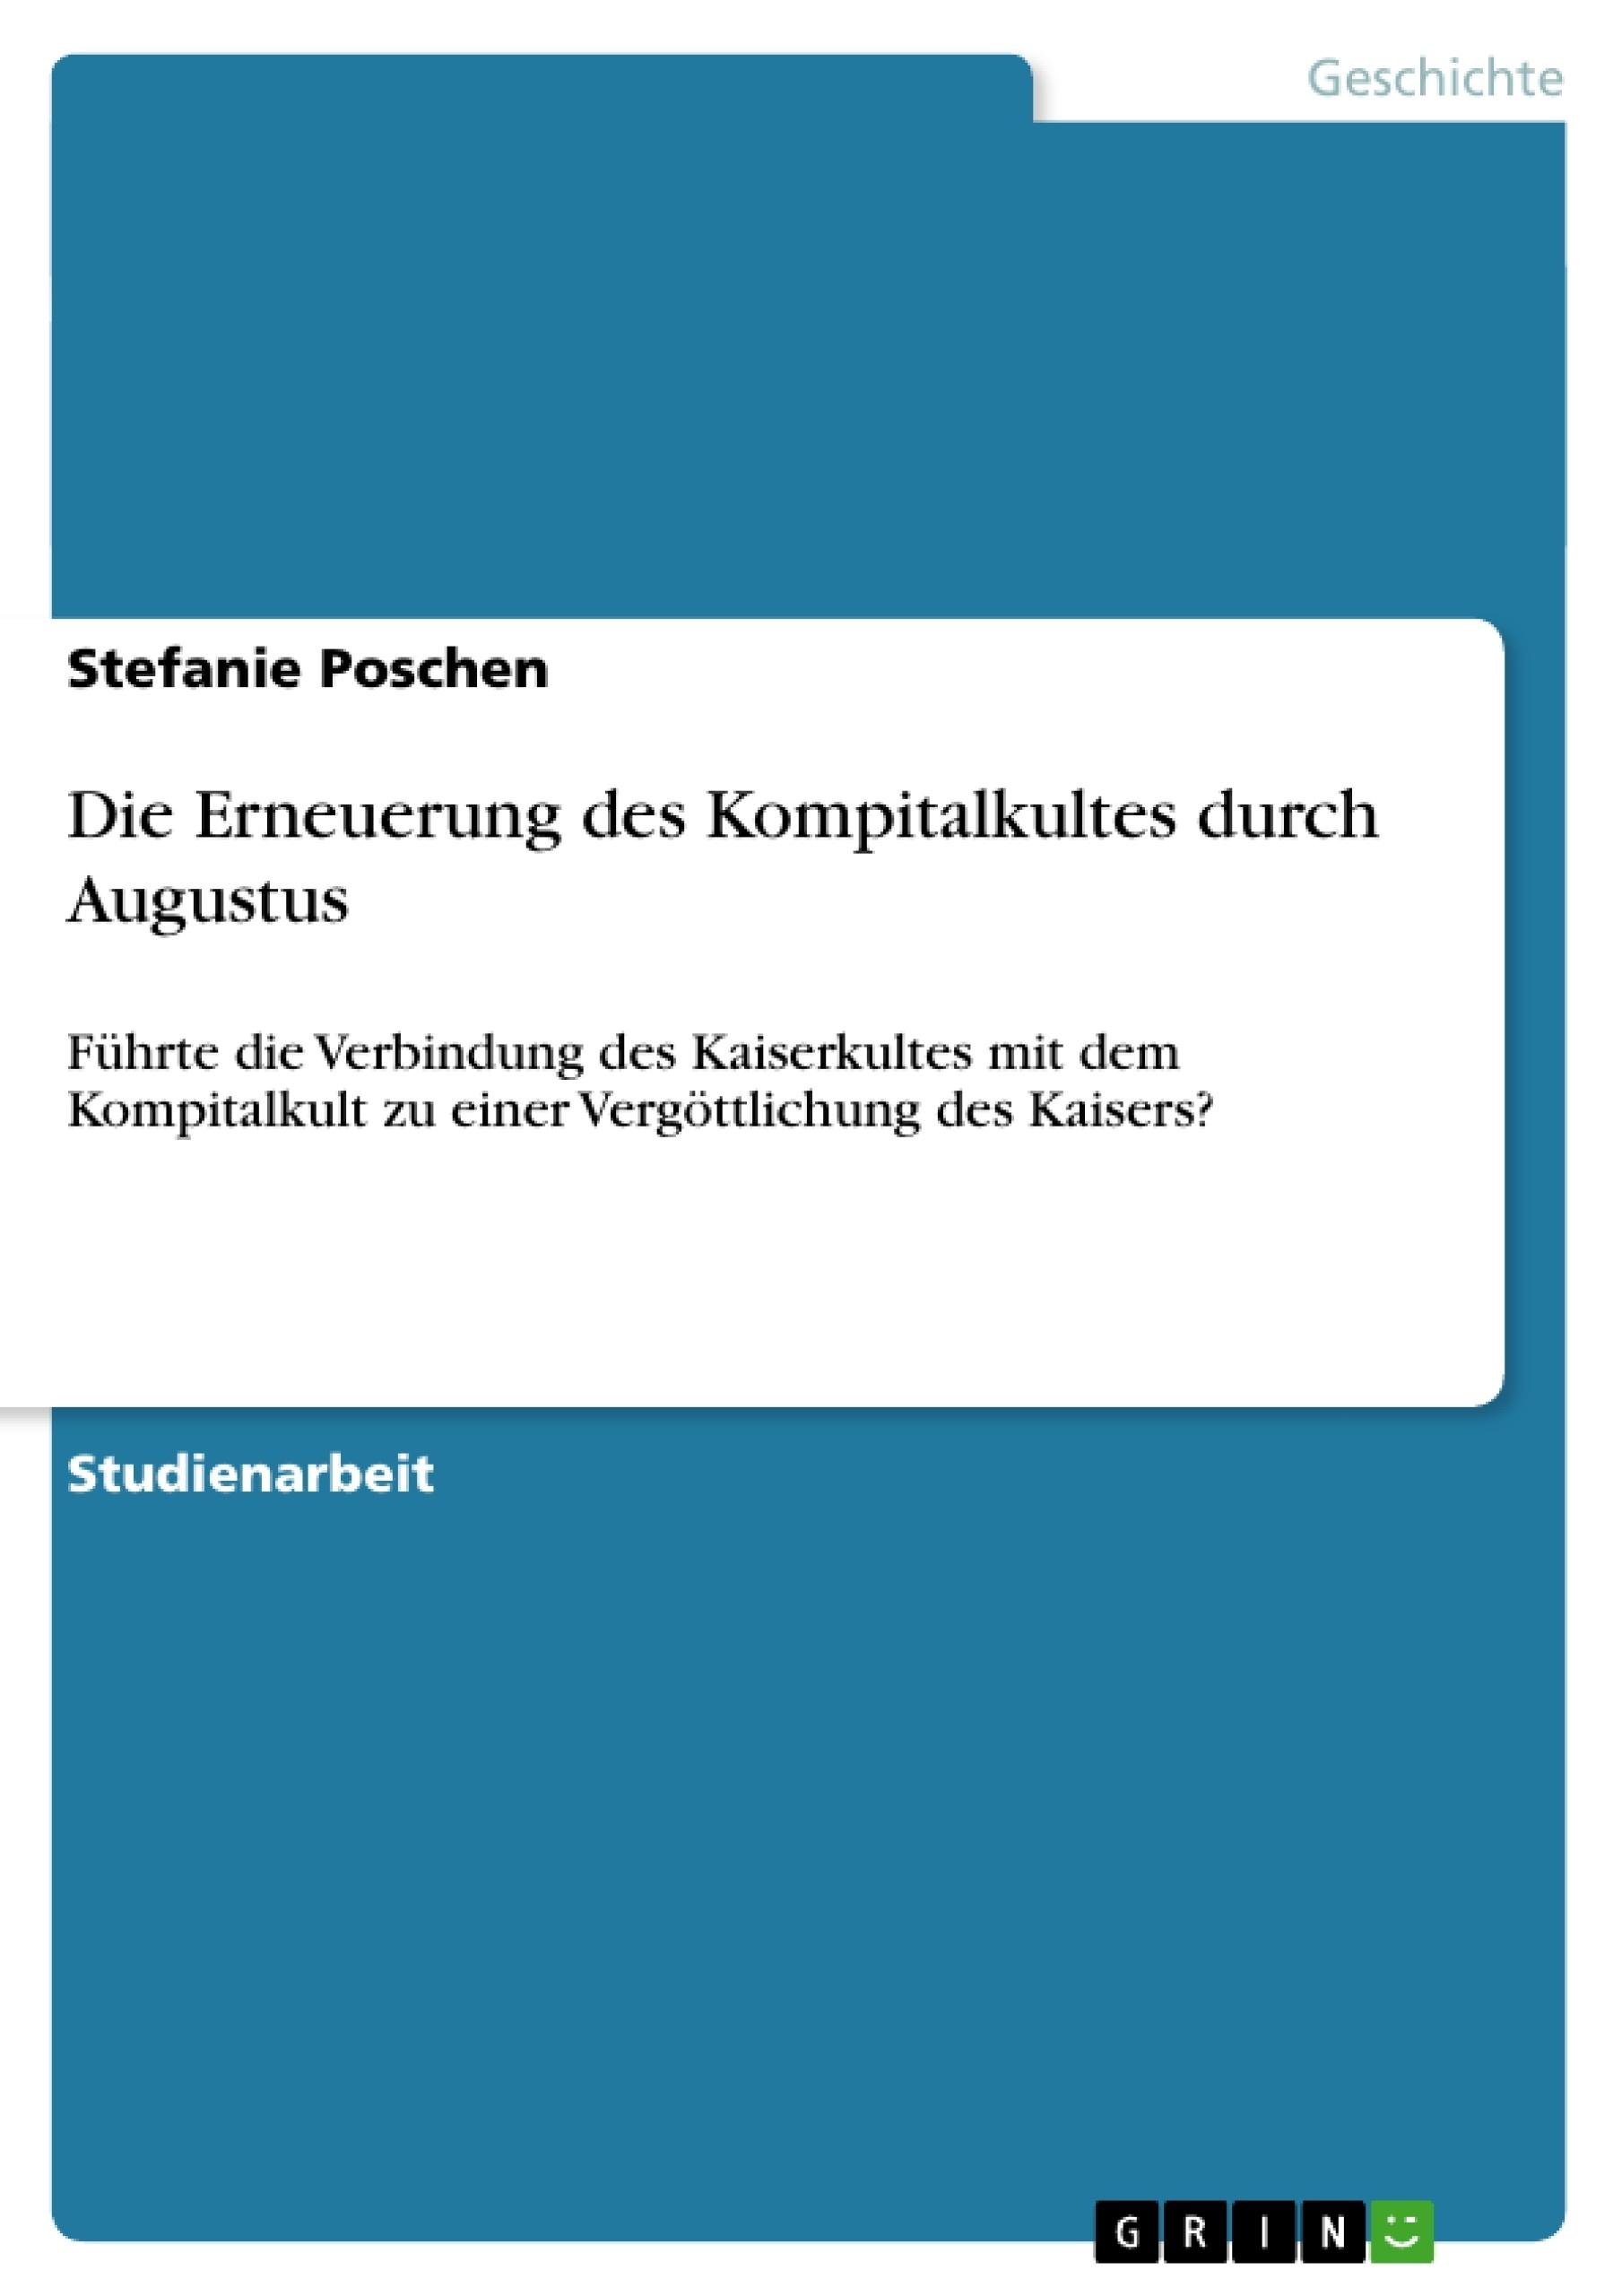 Titel: Die Erneuerung des Kompitalkultes durch Augustus